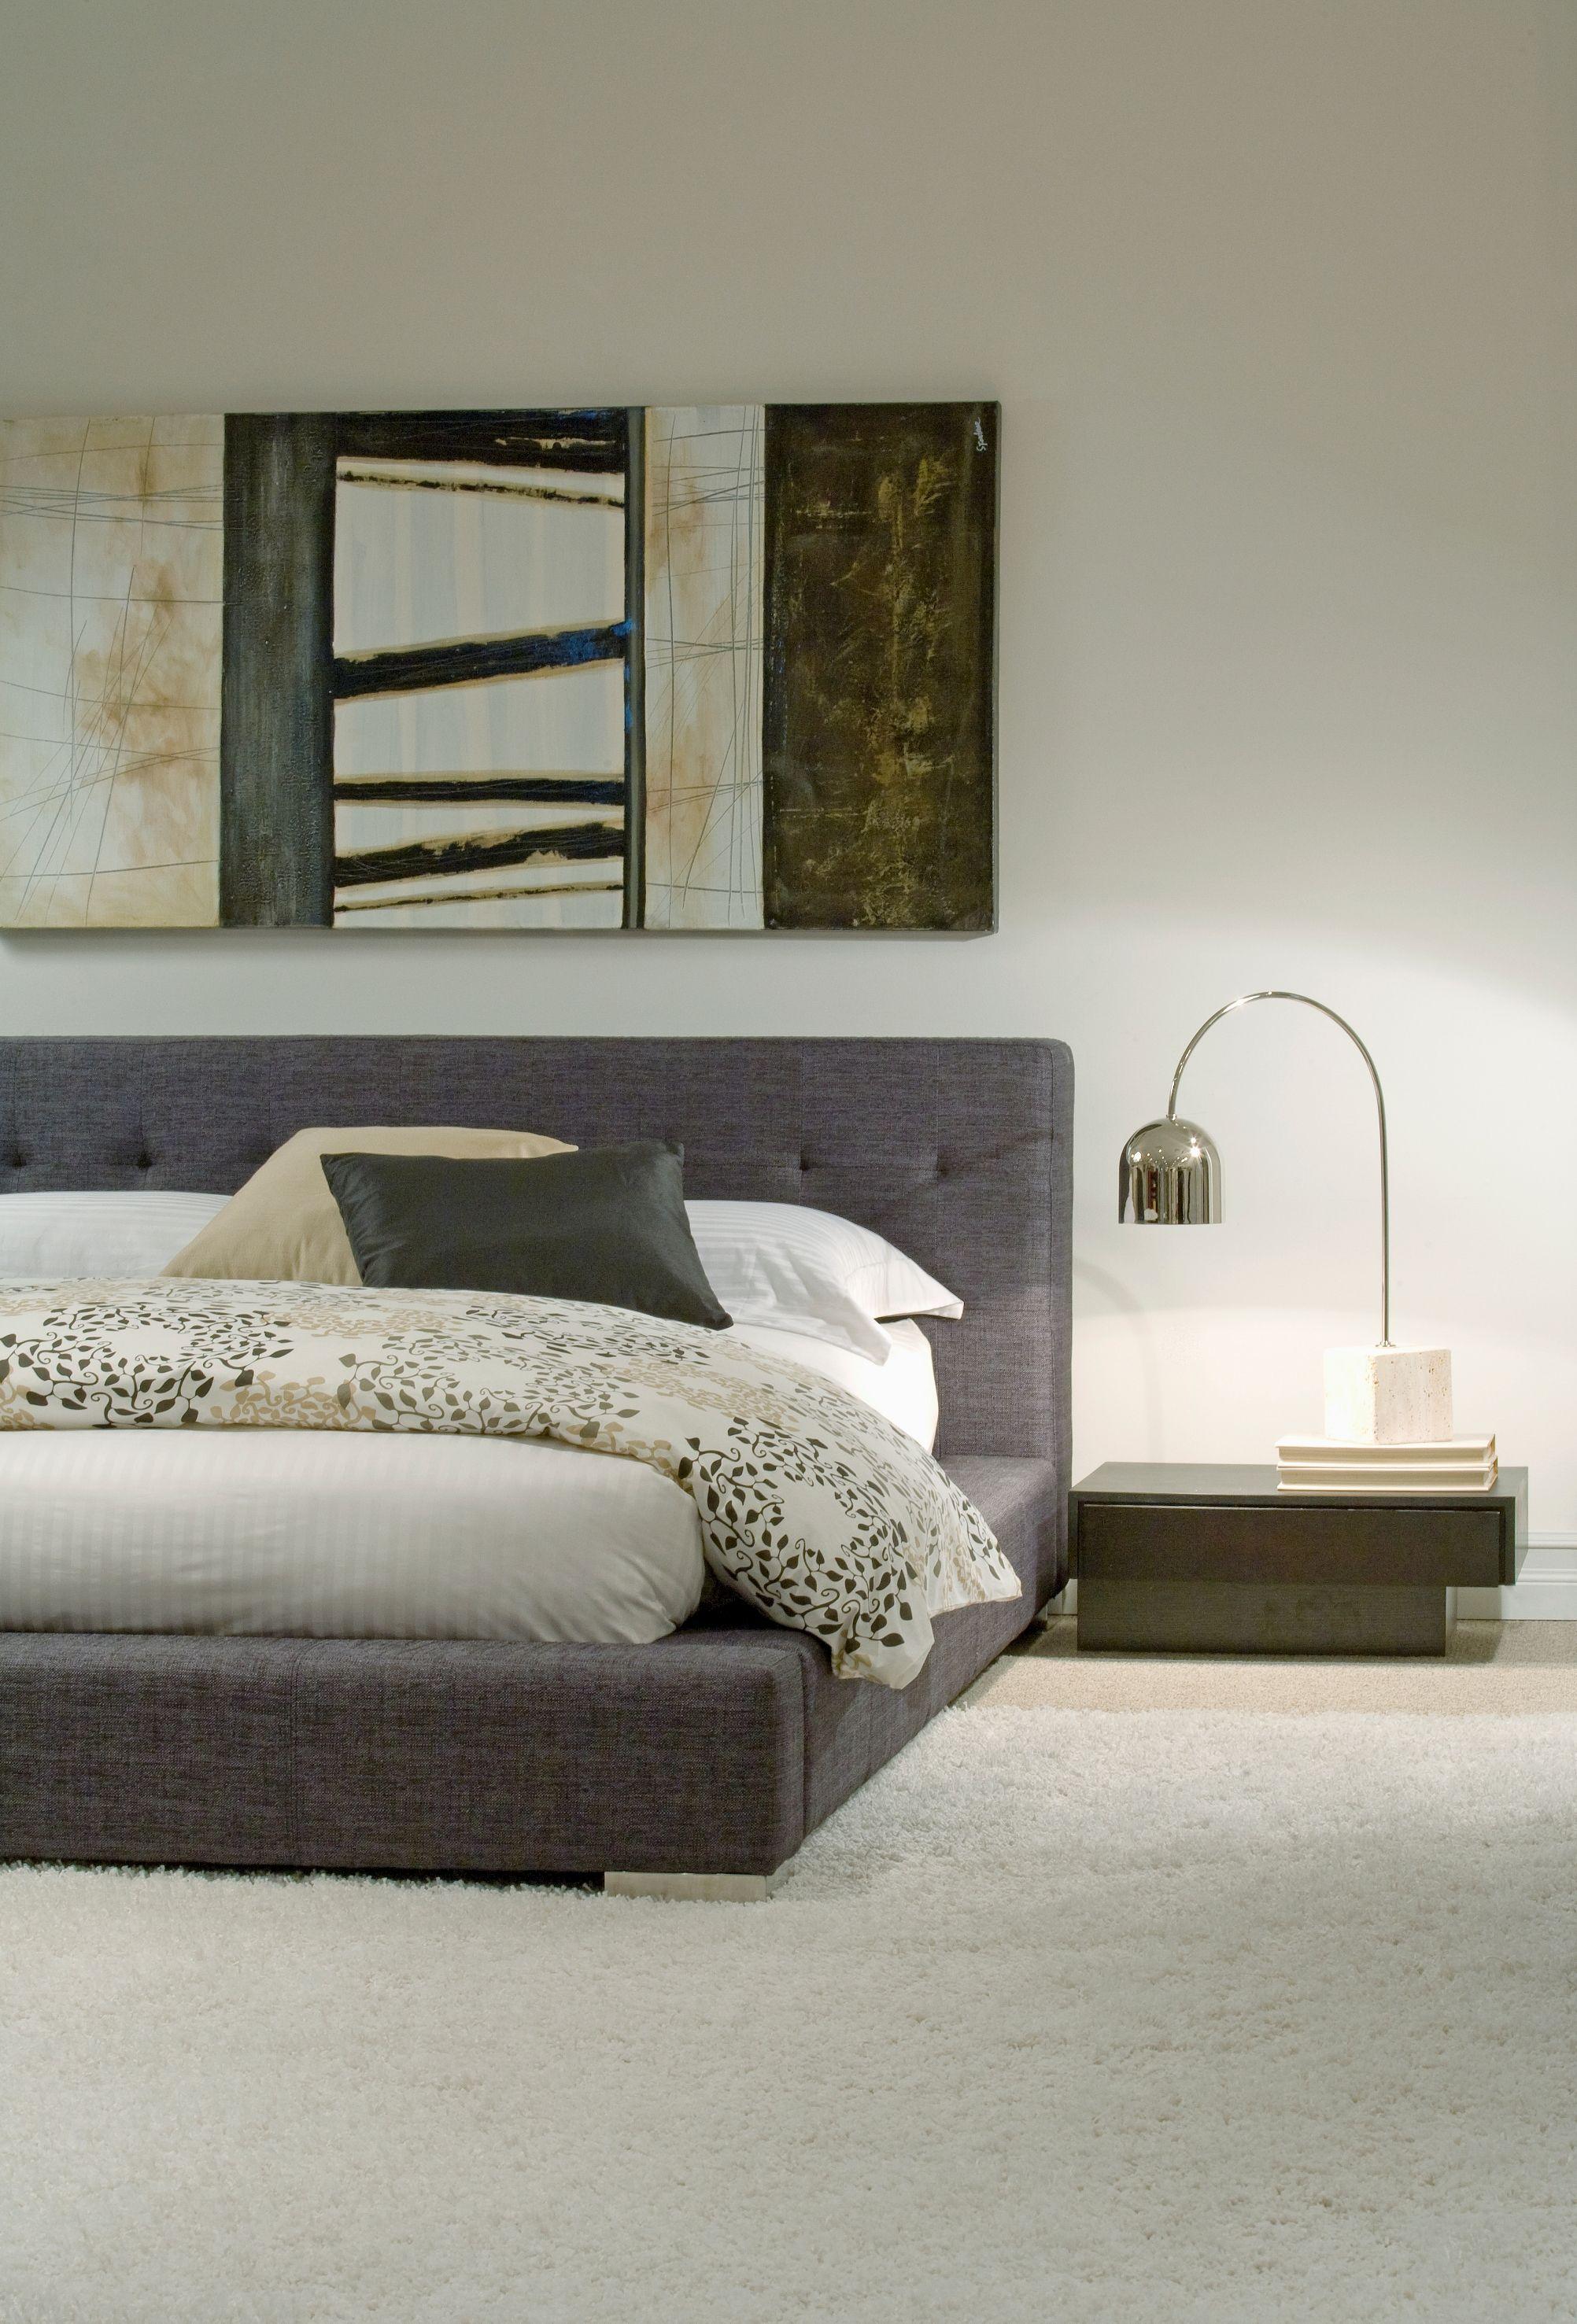 Lit A Donner un lit aux lignes très épurées pour donner un aspect moderne à la